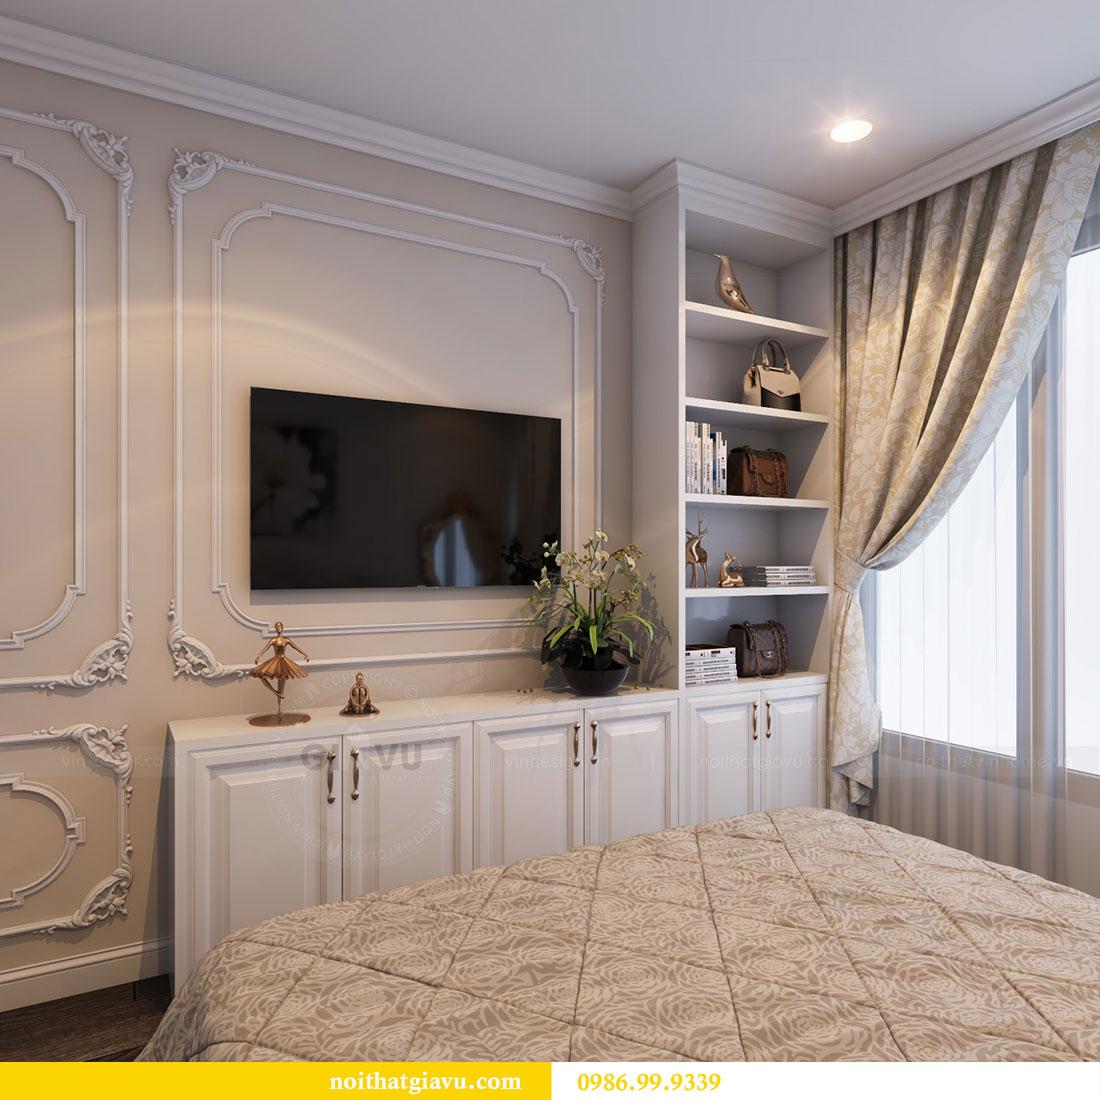 Thiết kế nội thất Vinhomes Dcapitale căn 04 tòa C3 view 12